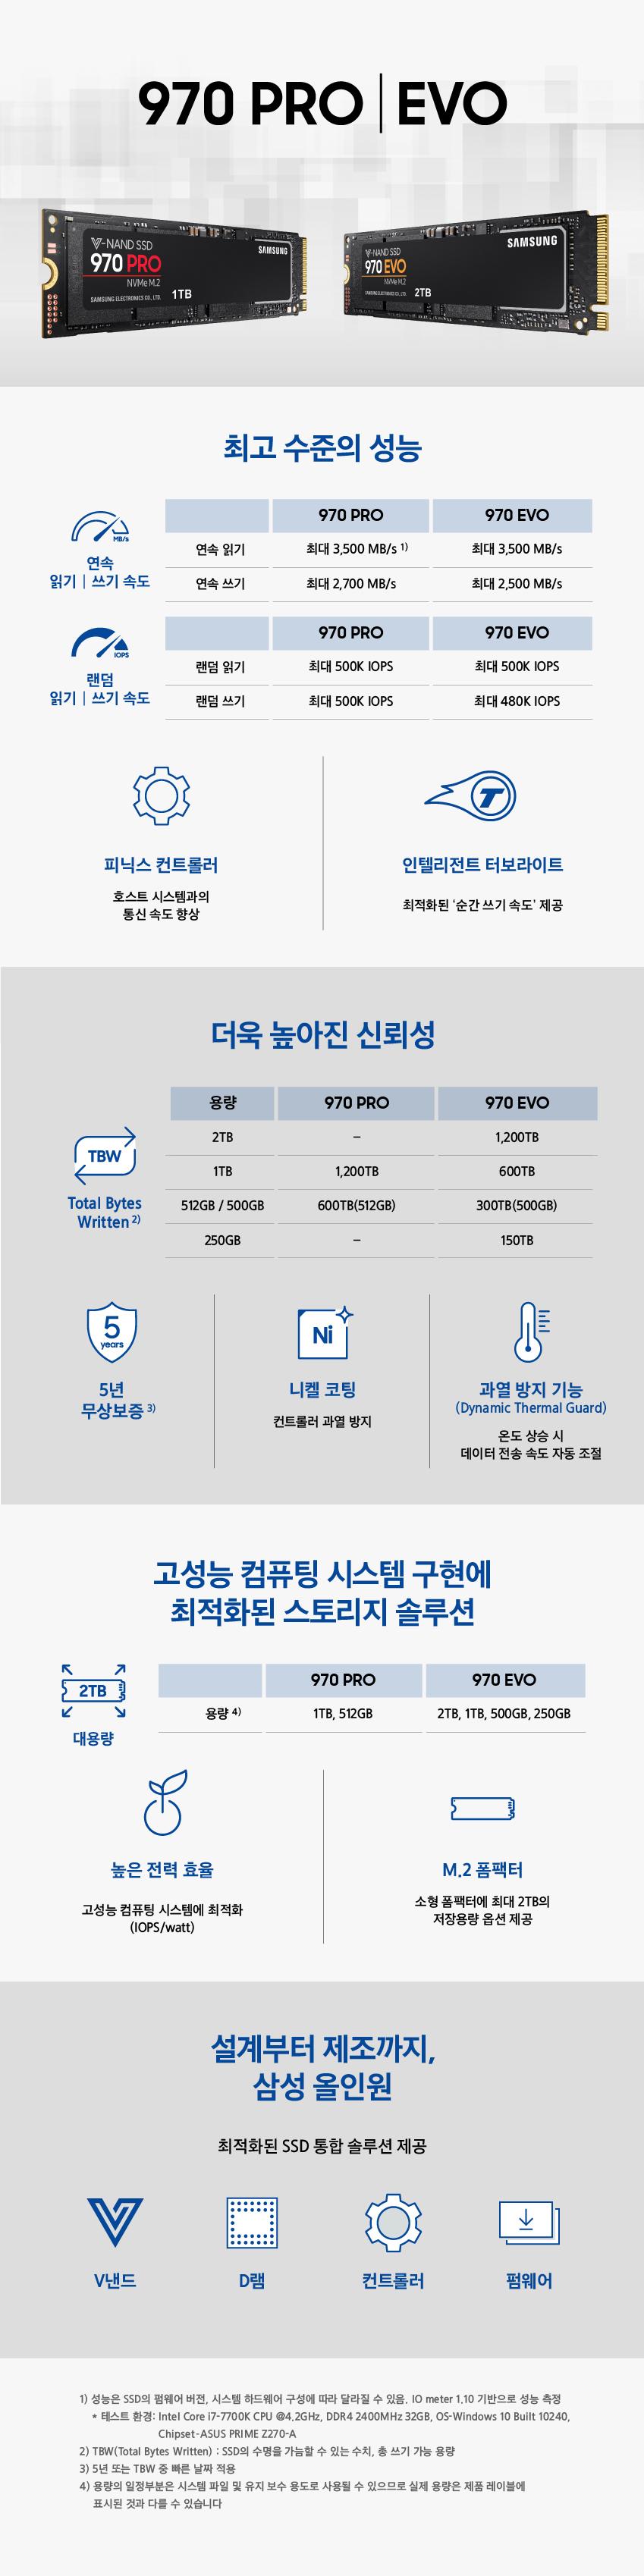 기존 SATA SSD 대비, 최대 6배 이상의 속도를 내는 '삼성 NVMe SSD 970 PRO|EVO'가 5월 7일 한국, 미국, 중국 등 전 세계 50여 개국에 동시 출시된다.  이번 970 SSD 시리즈는 NVMe(Non-Volatile Memory express)를 채용해 연속 읽기∙쓰기 속도가 최대 3500MB/s, 2700MB/s에 달한다. 이는 5기가바이트(GB) 크기의 영화 한 편을 1초 만에 읽고, 1.9초 만에 쓸 수 있을 정도의 빠른 속도다.  고화질 영상과 고사양 게임의 최강 솔루션이 될 소비자용 SSD의 '끝판왕', NVMe SSD 970을 인포그래픽으로 한눈에 확인해보자.